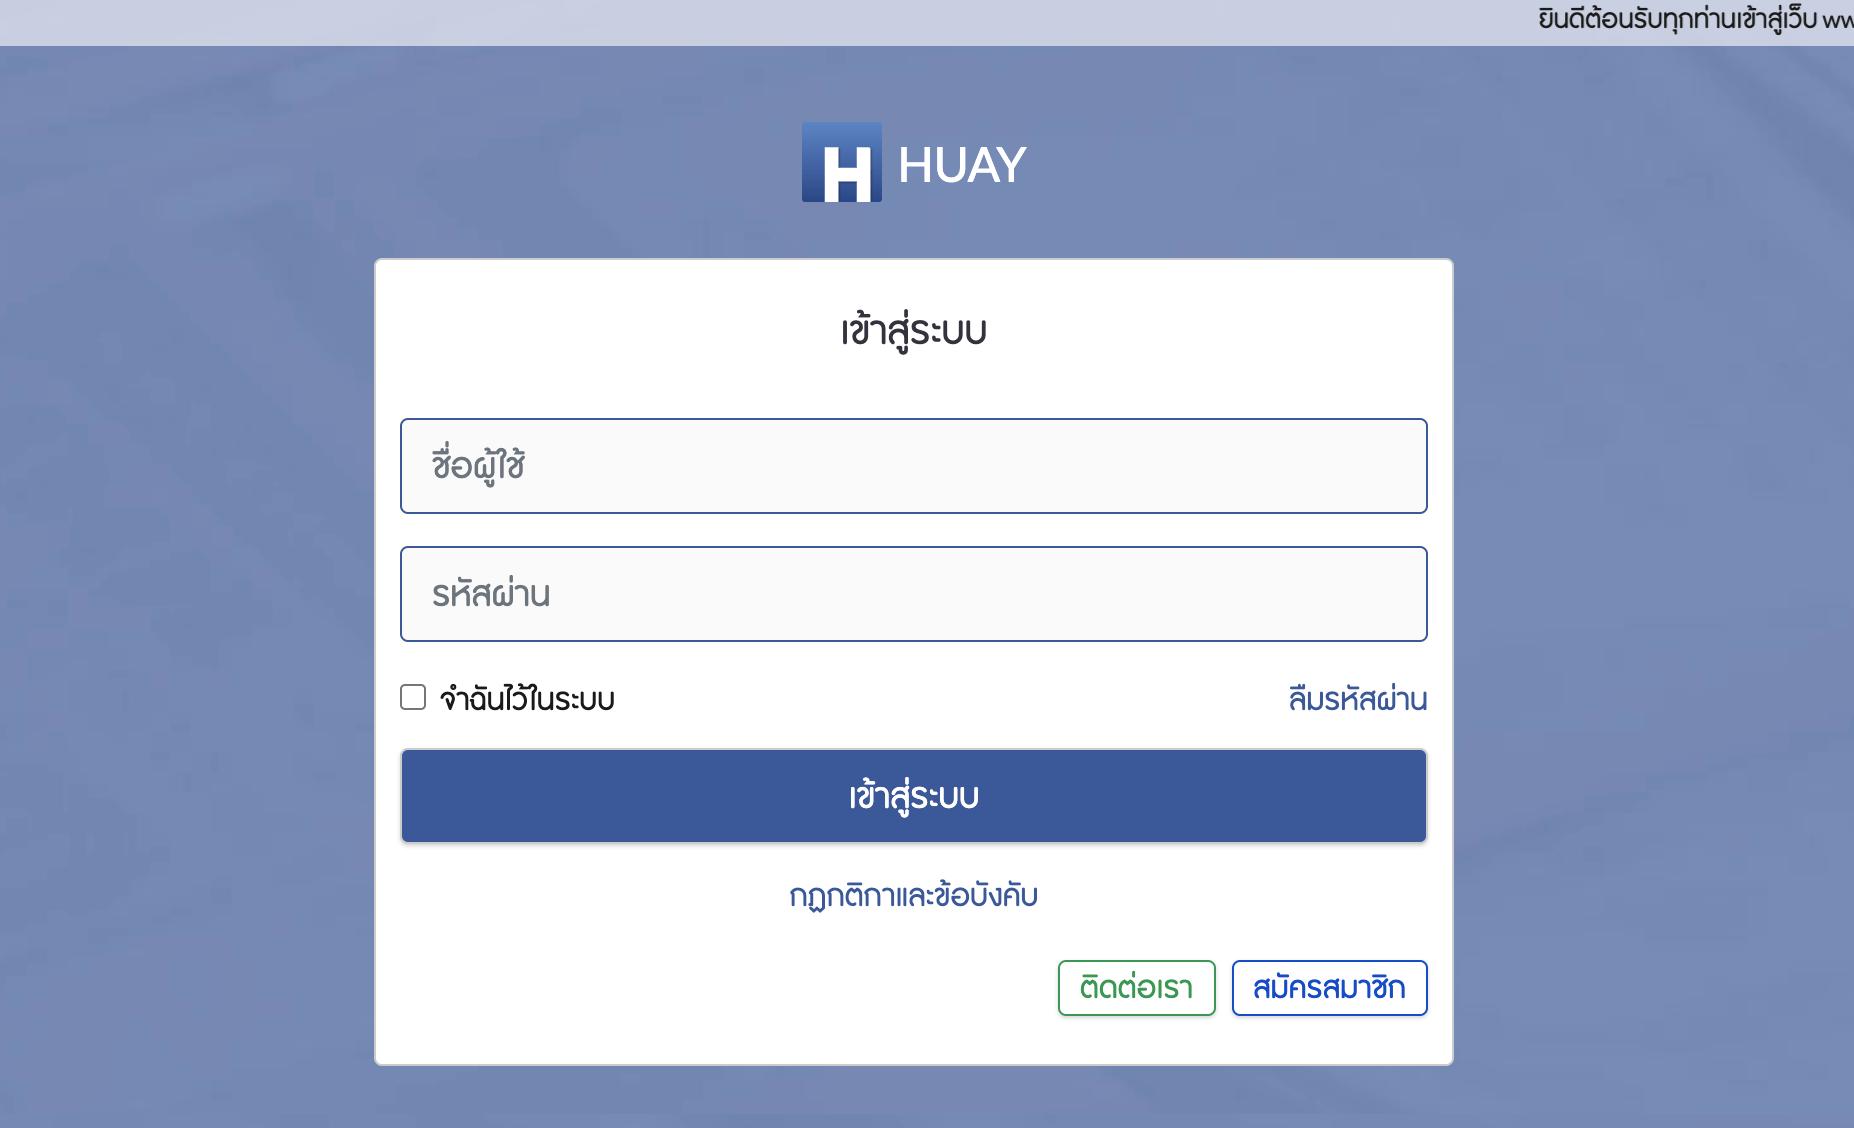 หน้า website huay.com